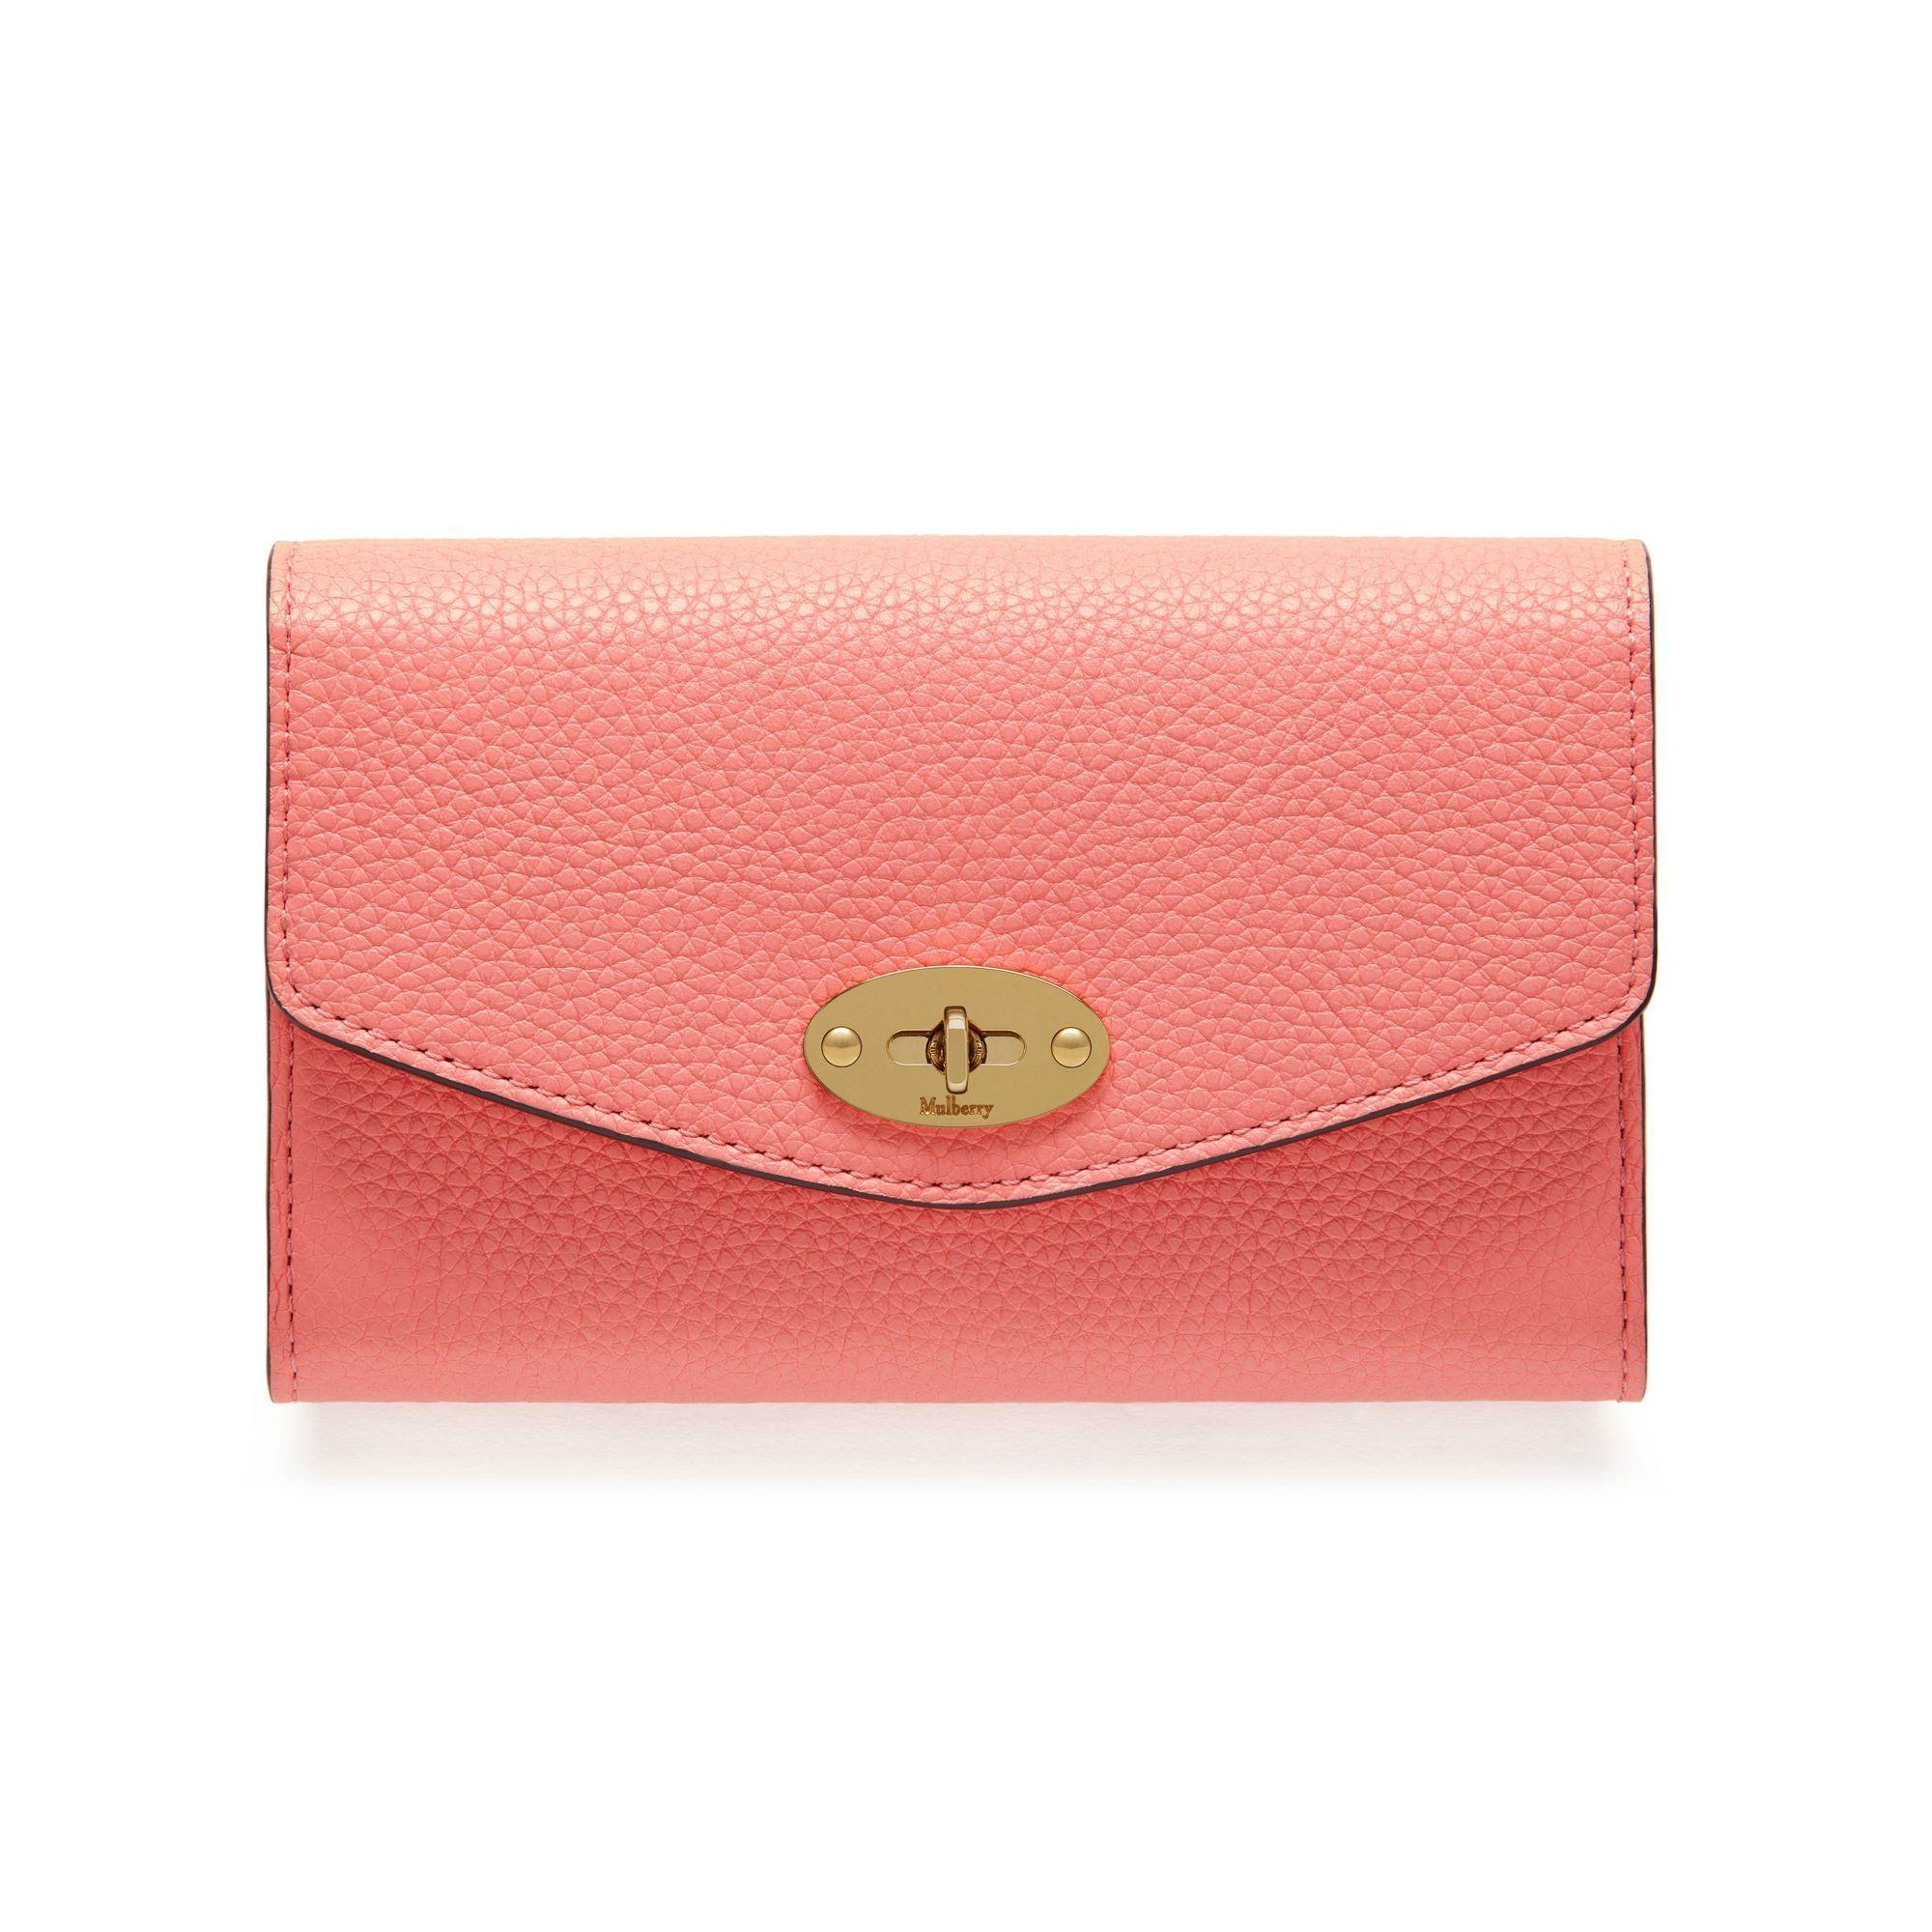 337a3d6d8c Medium Darley Wallet